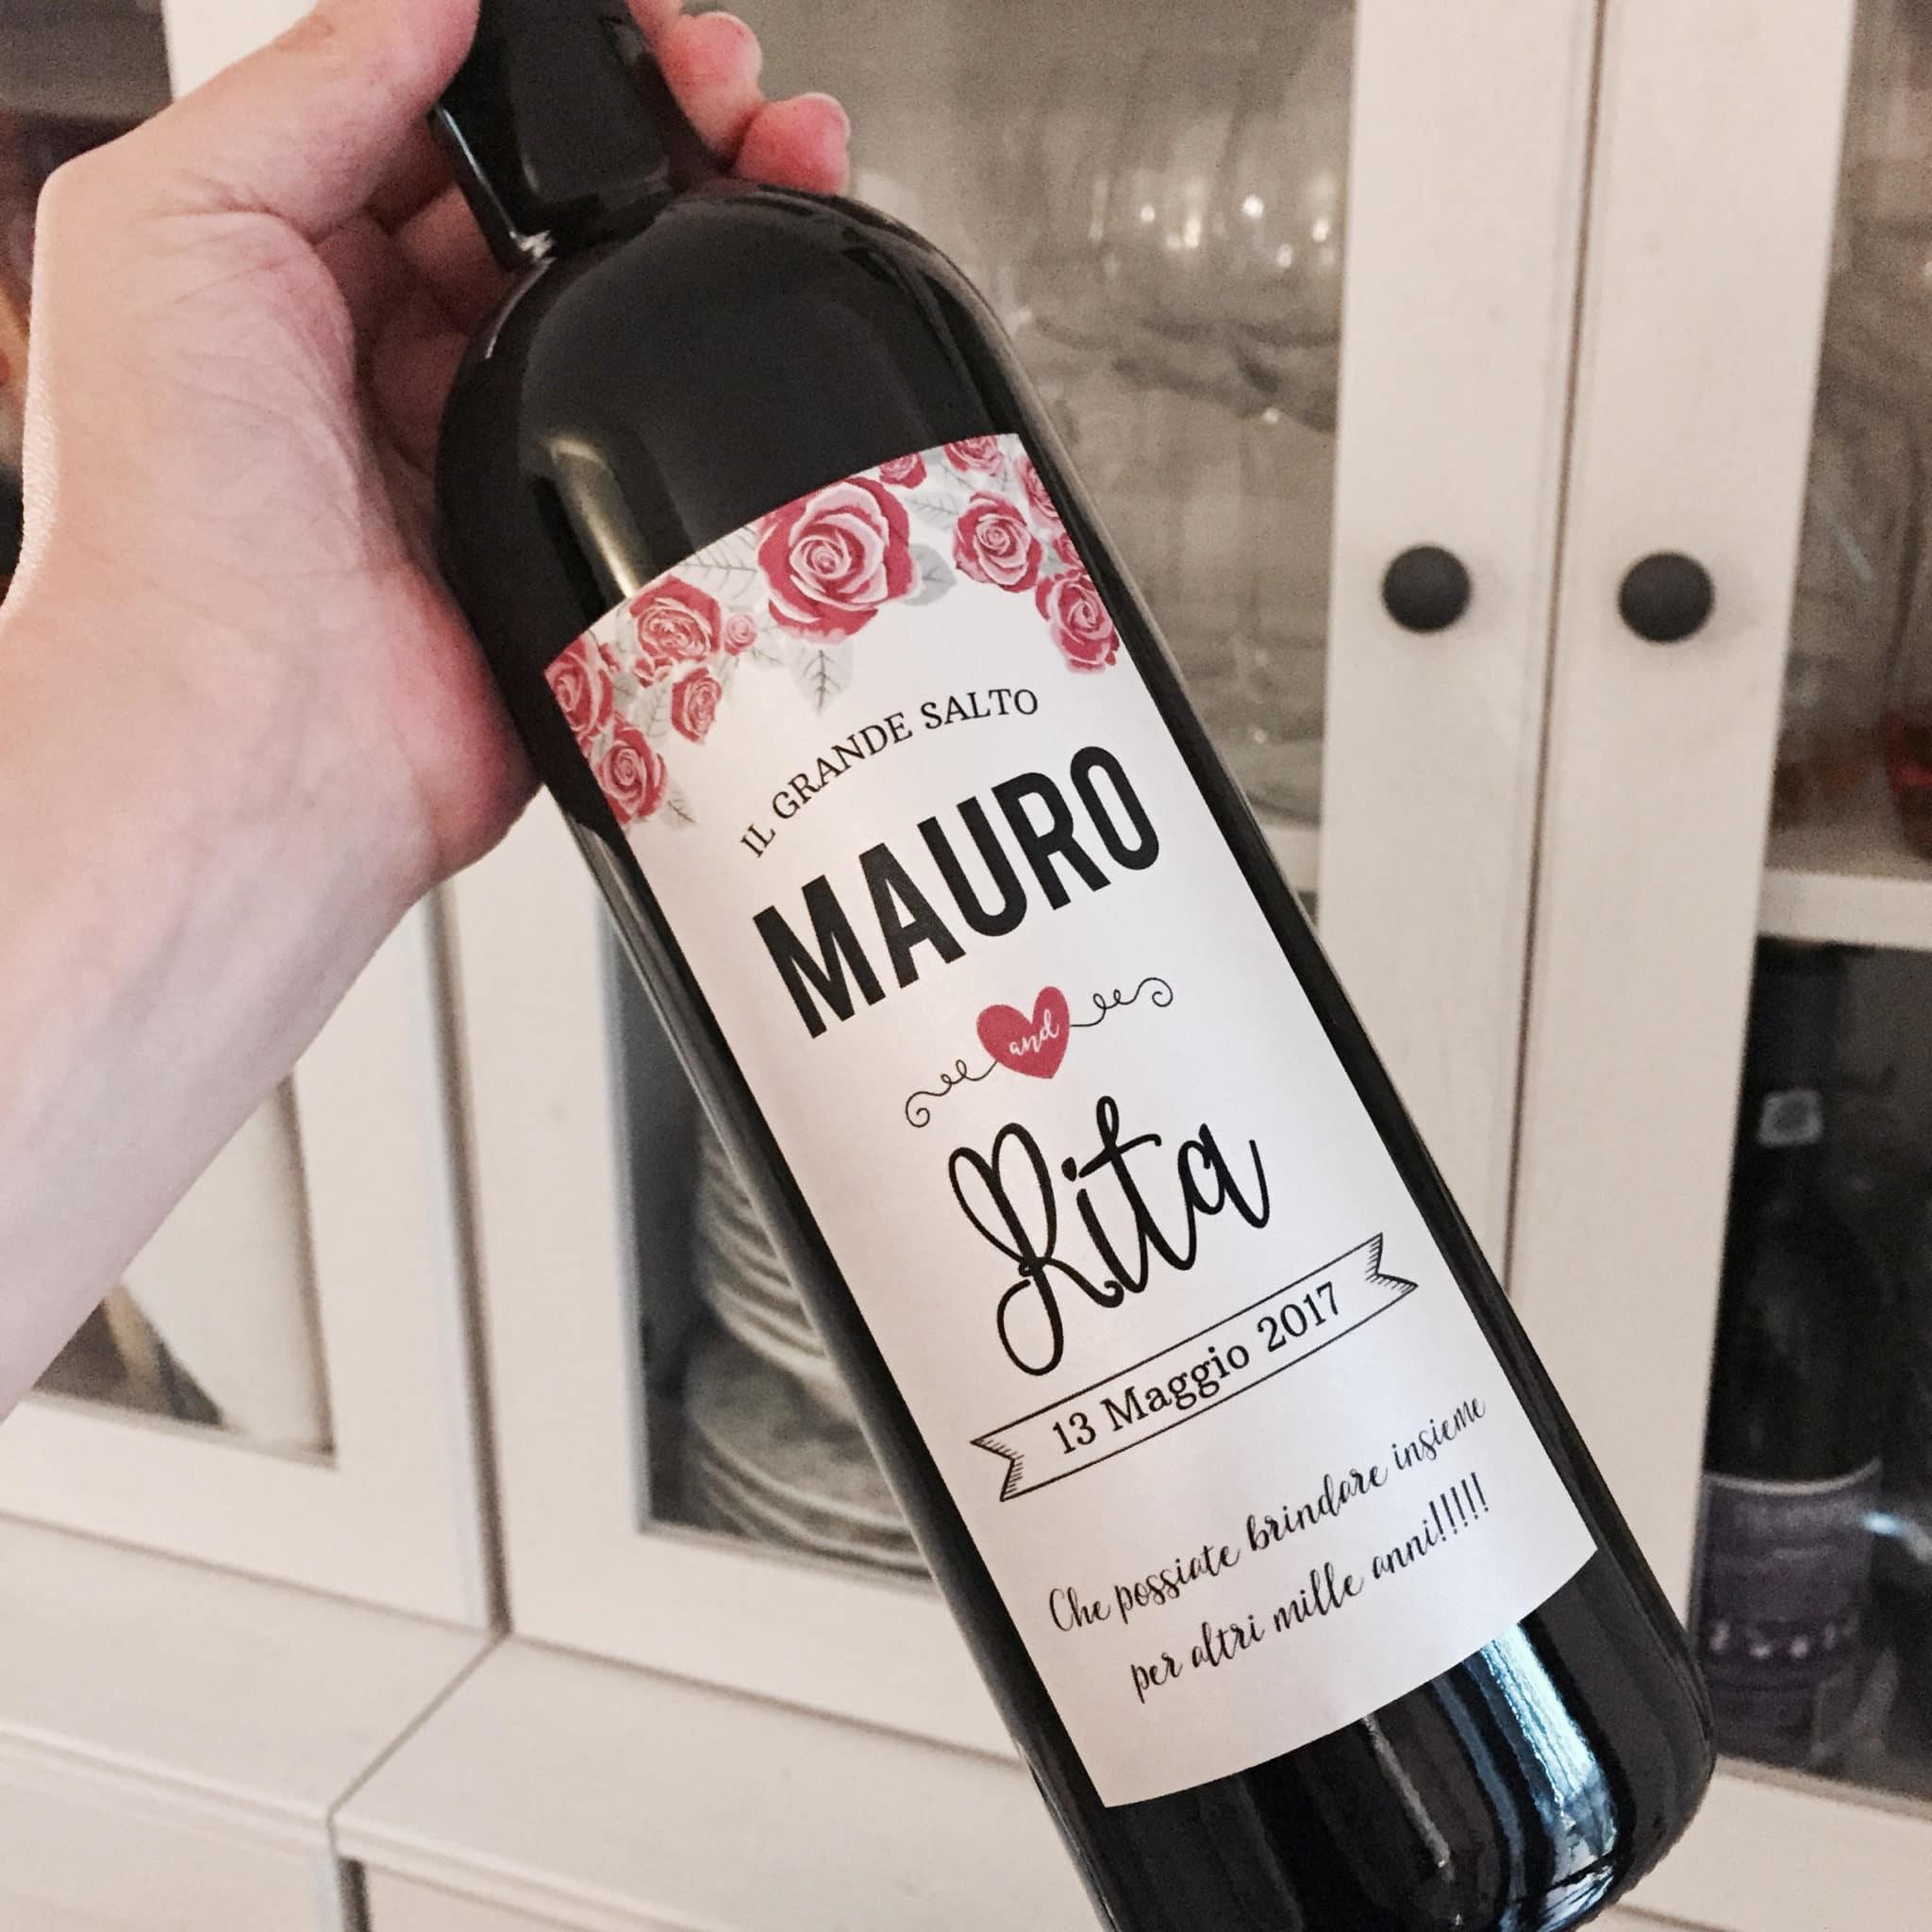 Auguri Matrimonio Vino : Auguri matrimonio vino bottiglia di personalizzata